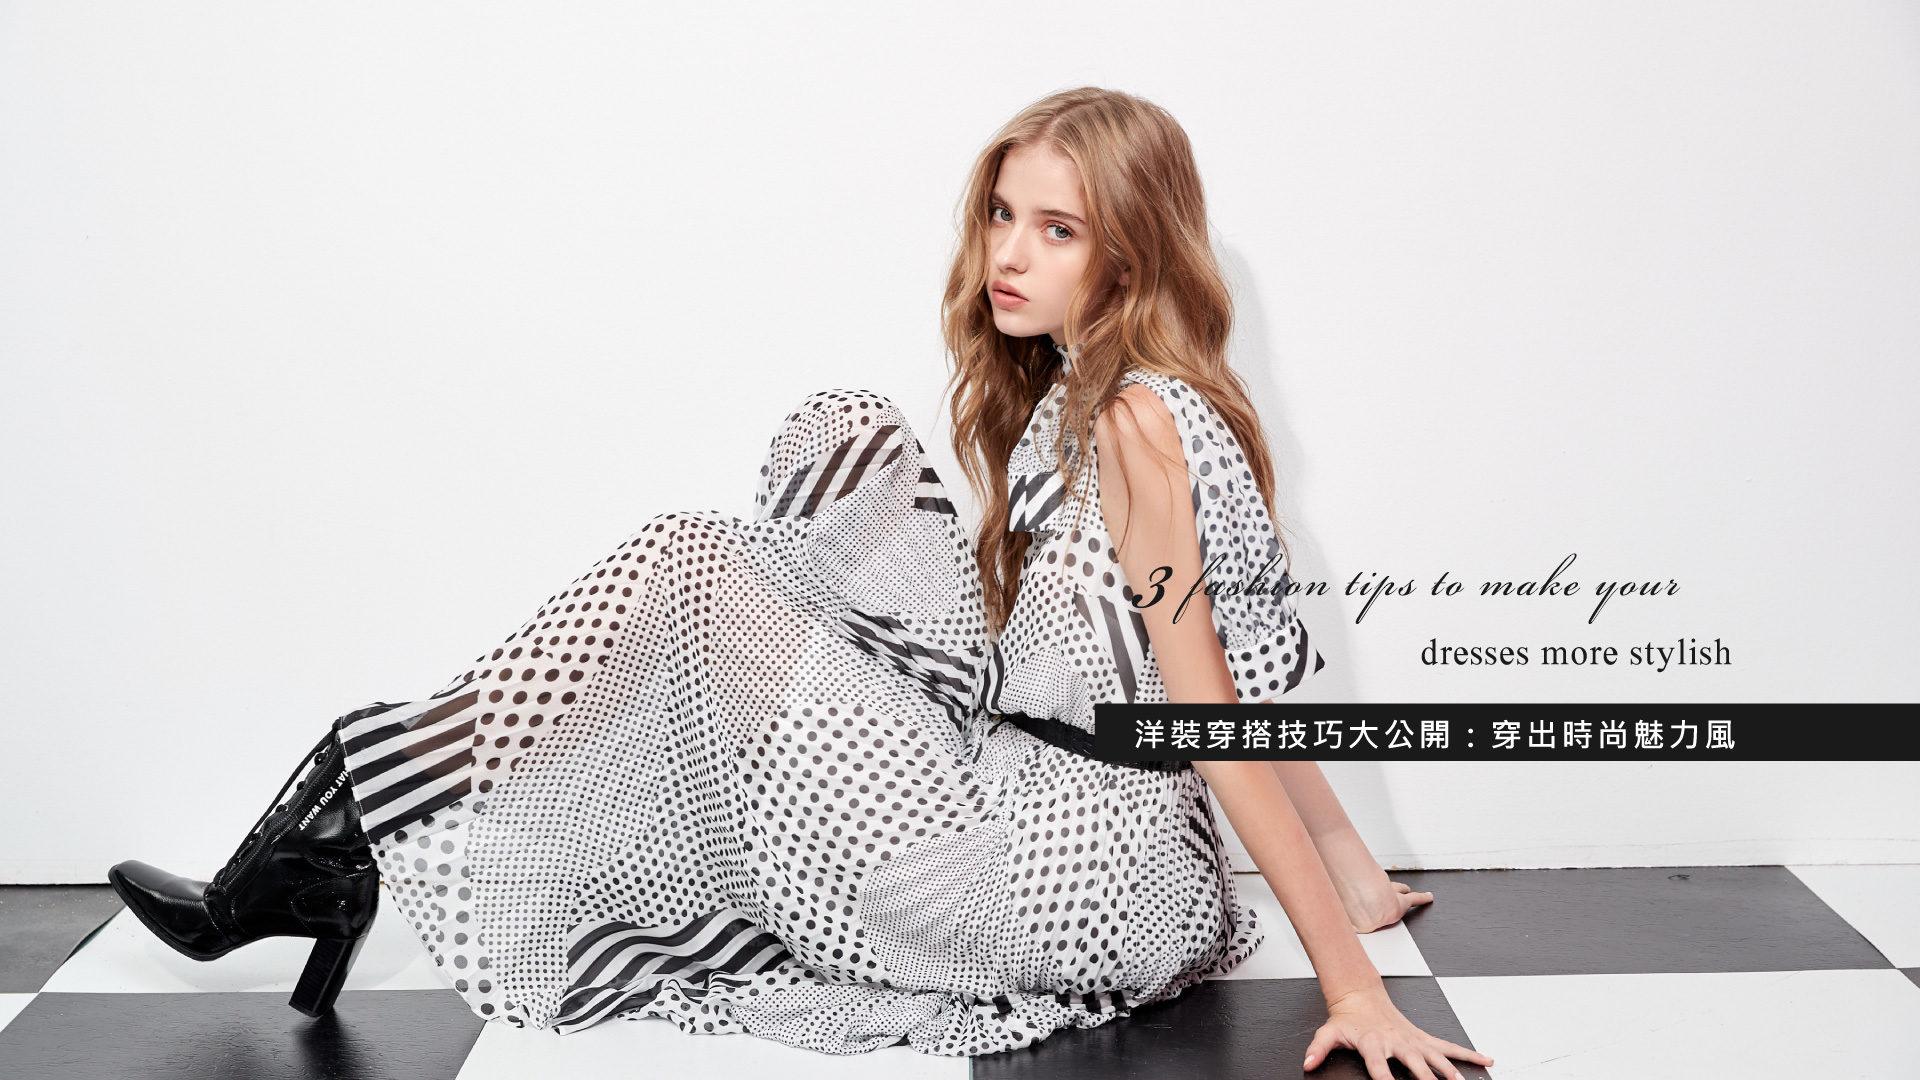 2021洋裝穿搭技巧大公開:善用3款單品外套,穿出時尚魅力風!